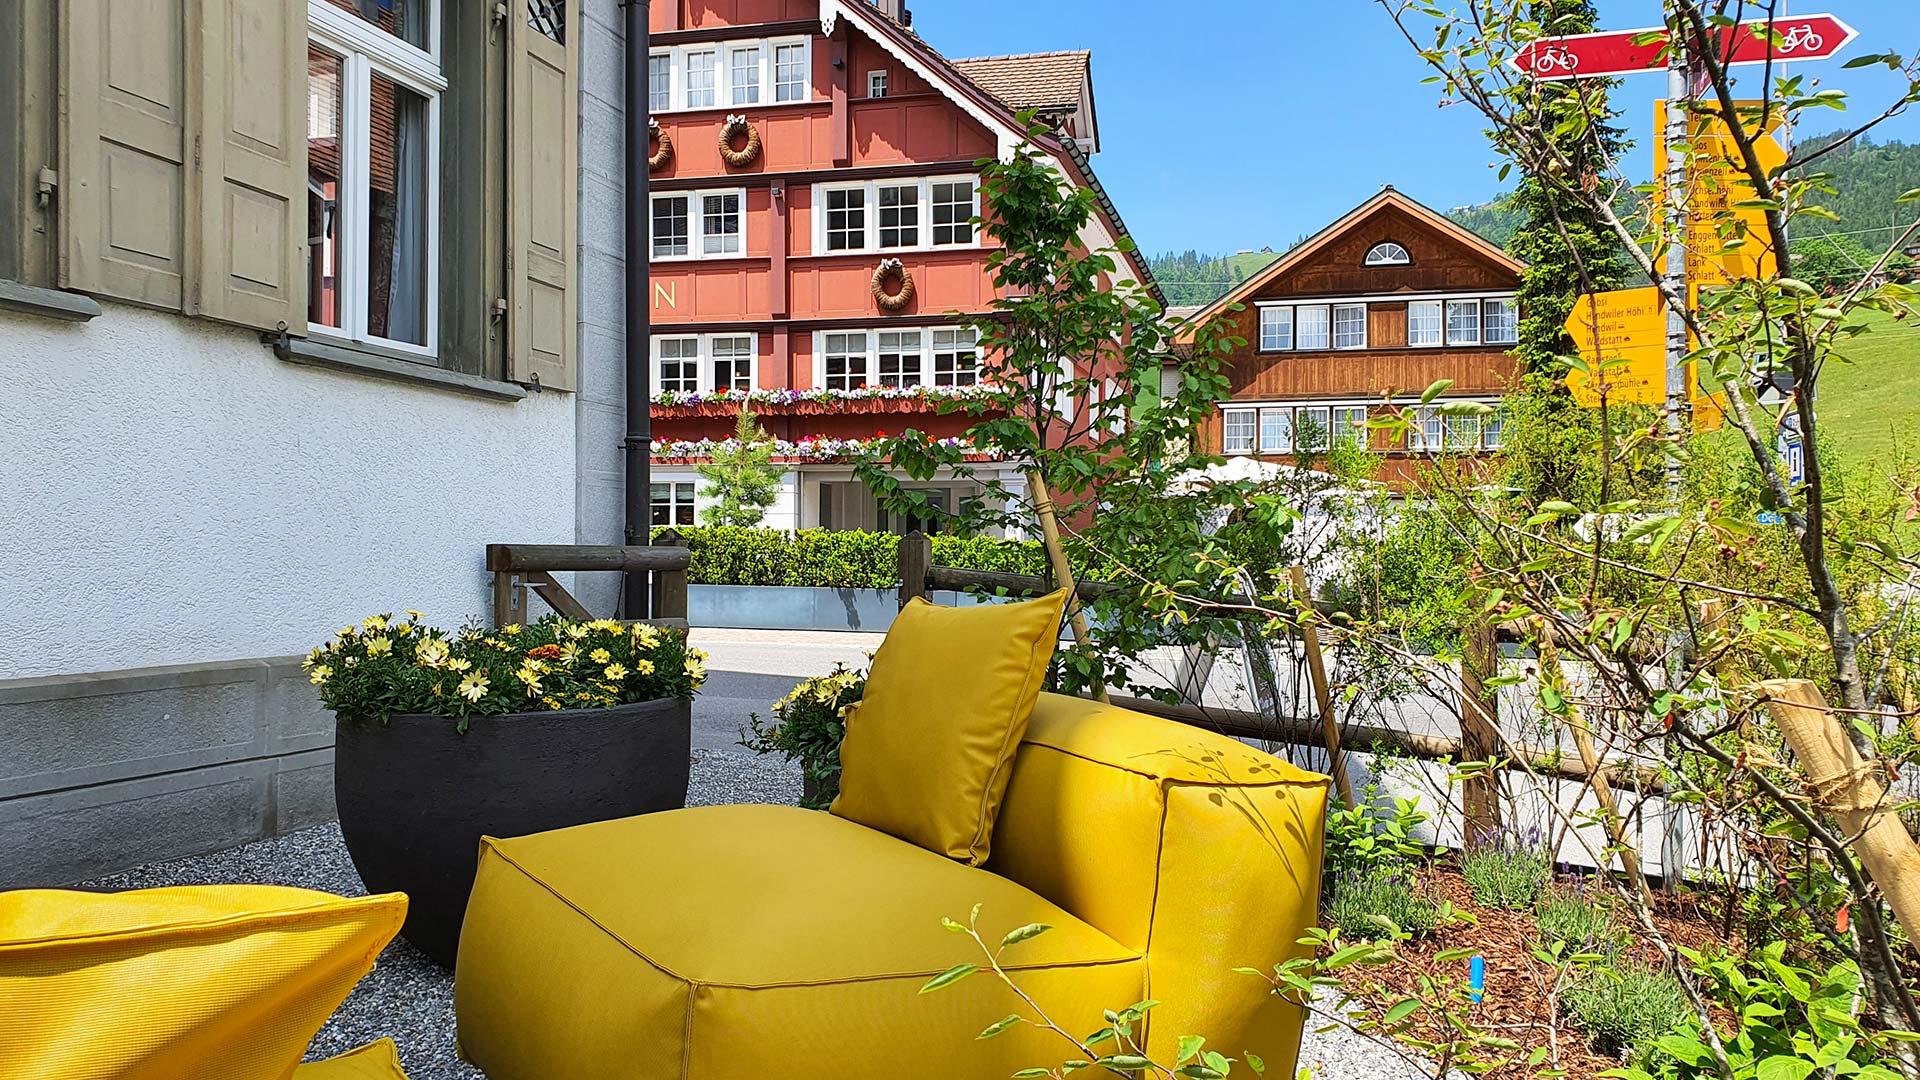 Terrasse des Restaurant Löwen in Gonten, Appenzell - vis-à-vis von Hotel Bären Gonten